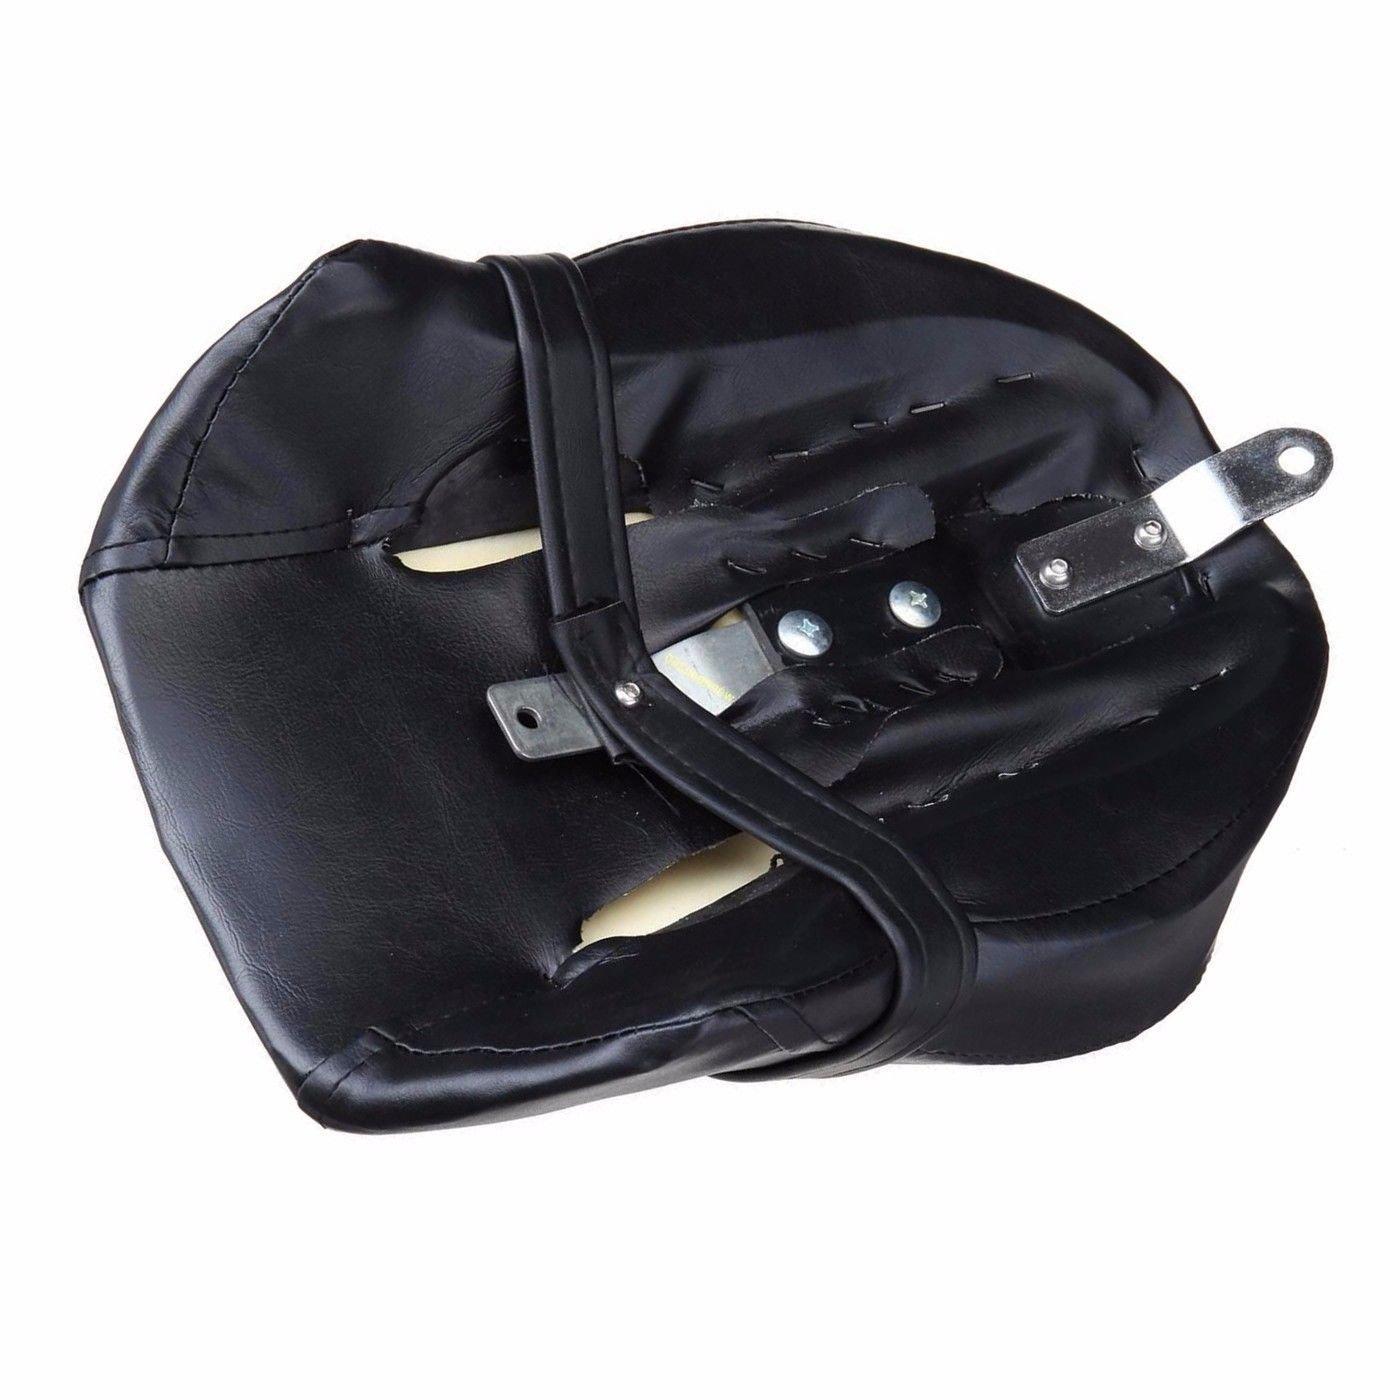 Black Rear Seat Passenger Pillion For Harley Sportster 1200 883 XL883N XL1200L